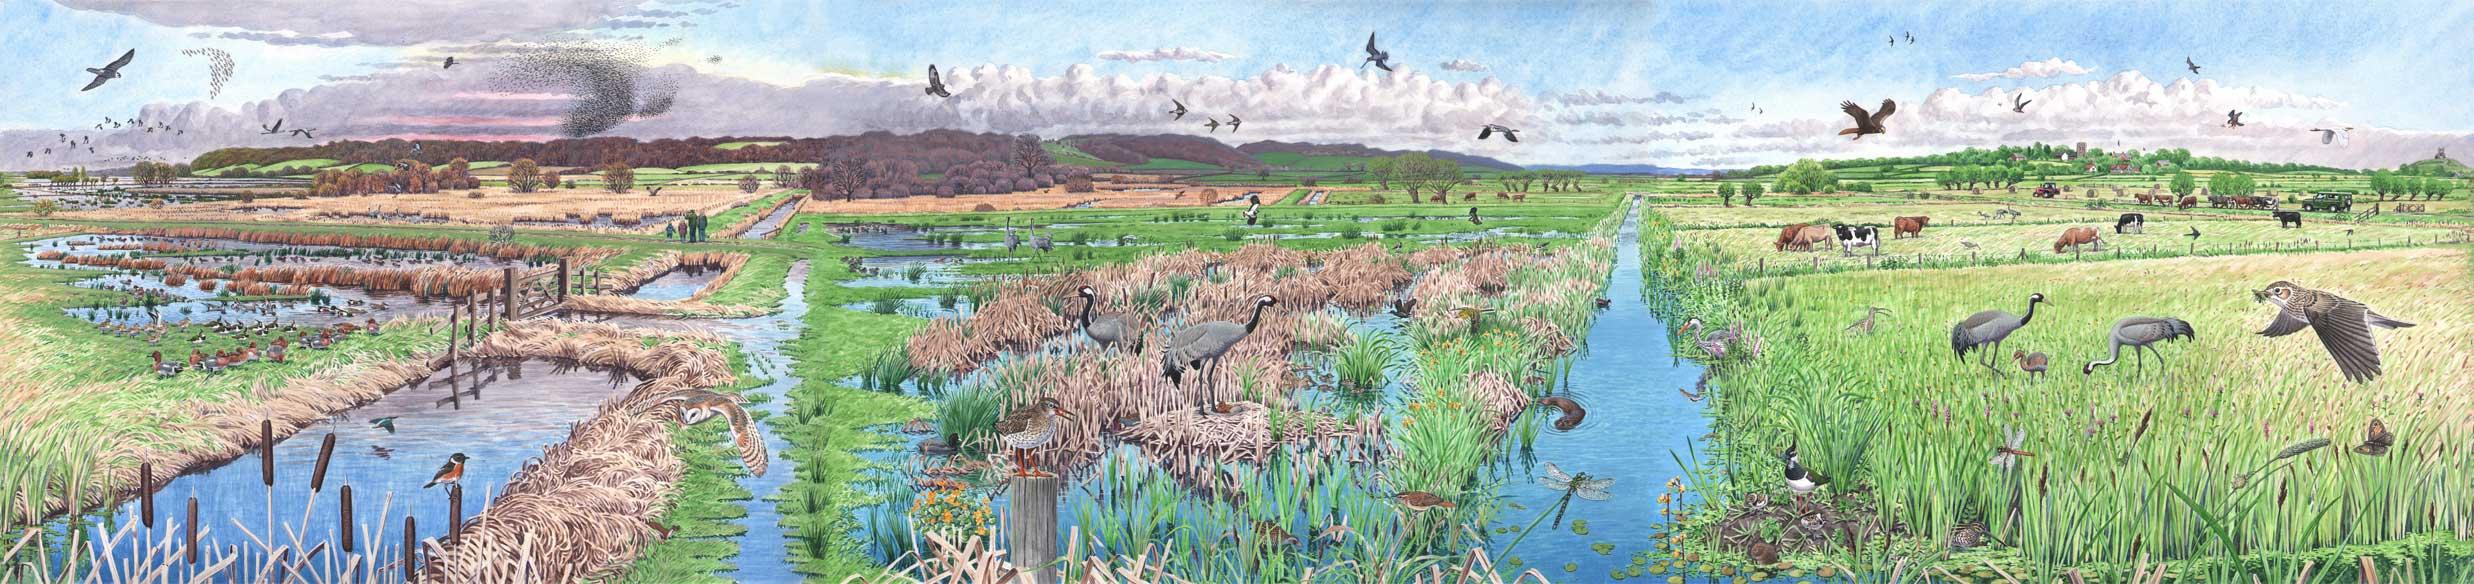 The Crane Landscape